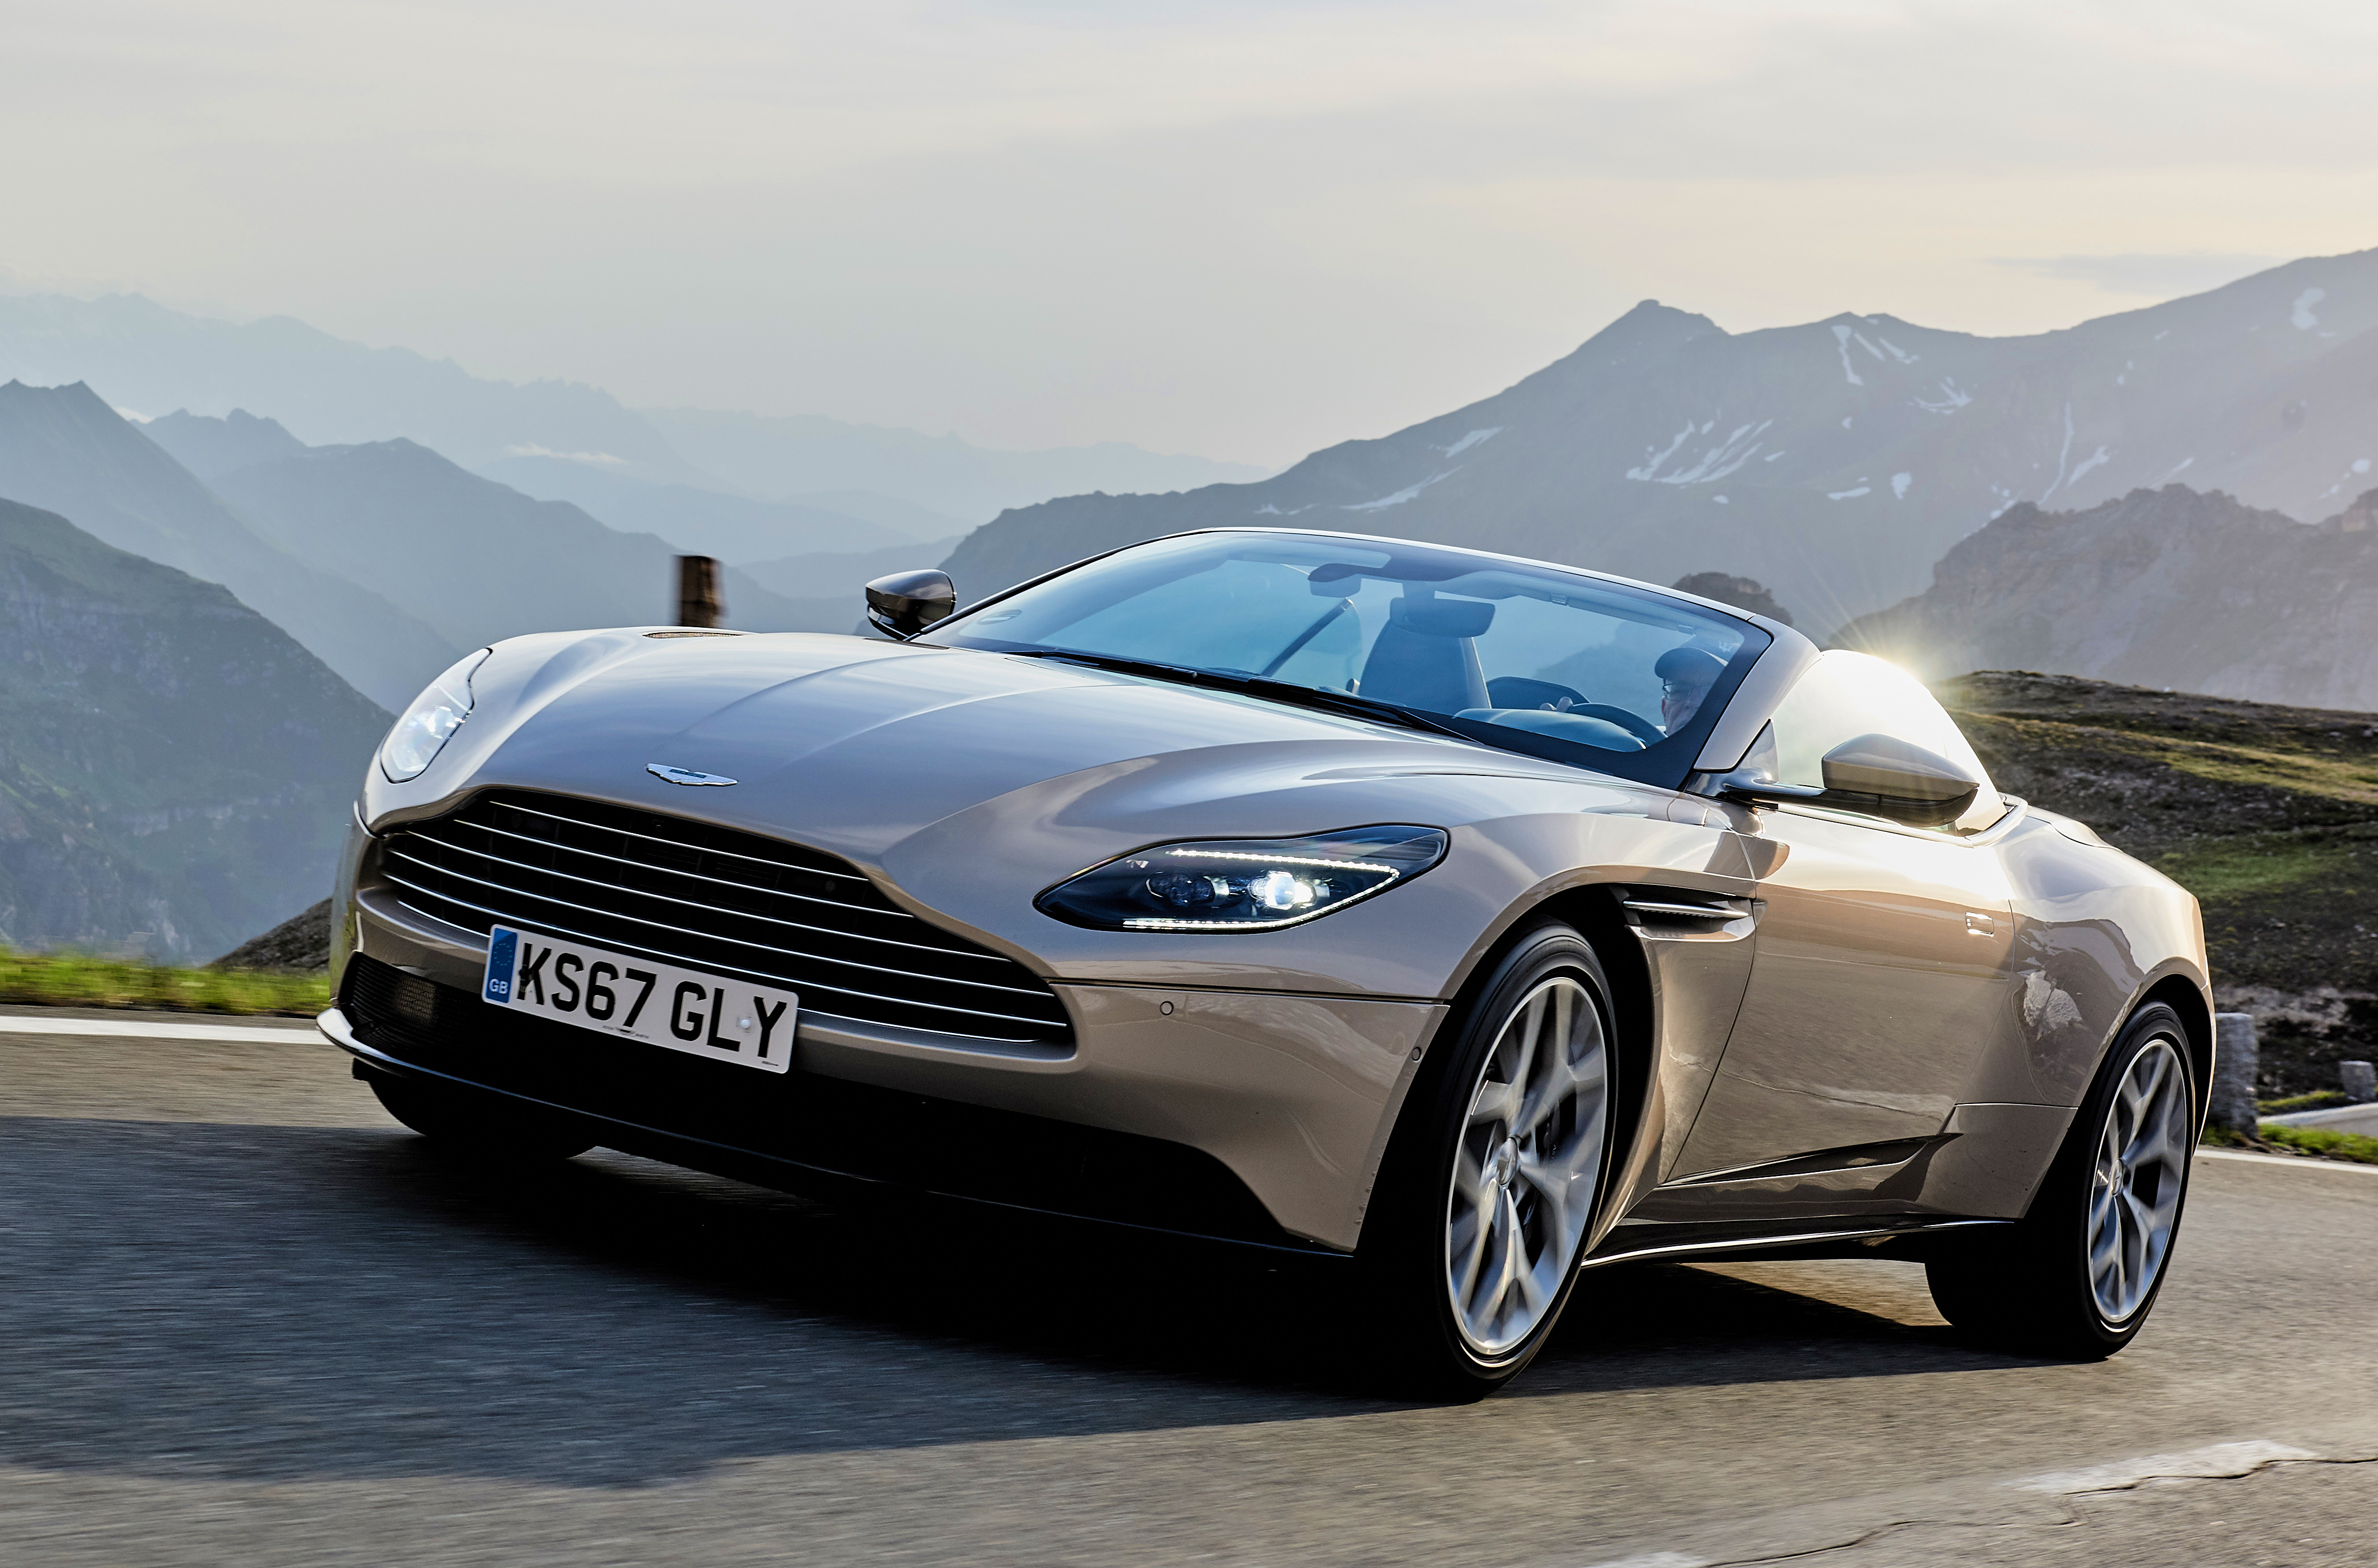 Aston Martin Db11 Cabrio Fahren Als Hochgenuss Adac